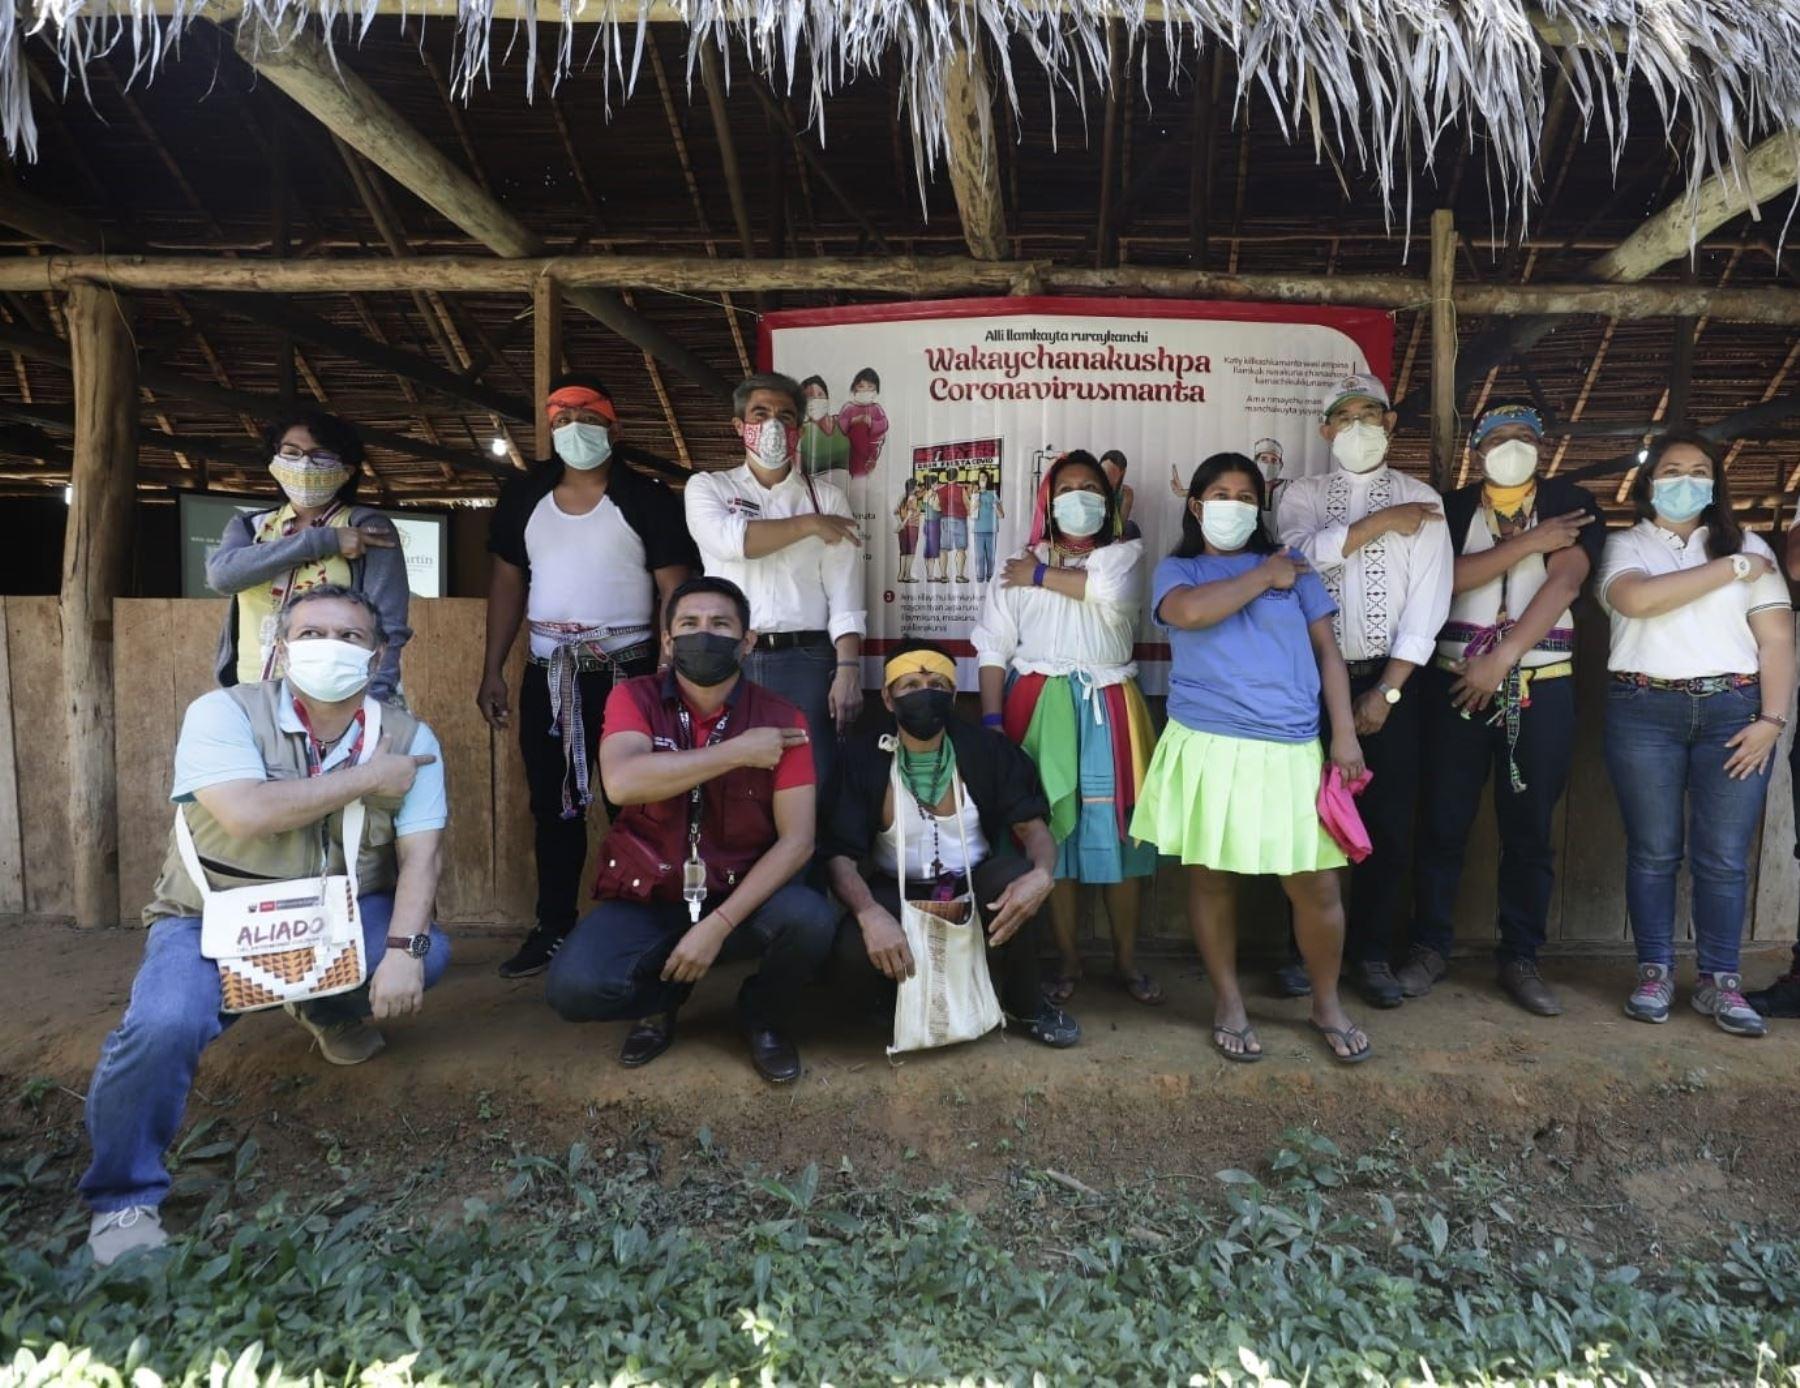 ¡Buena noticia! 5,000 indígenas de San Martín ya recibieron la vacuna contra la covid-19